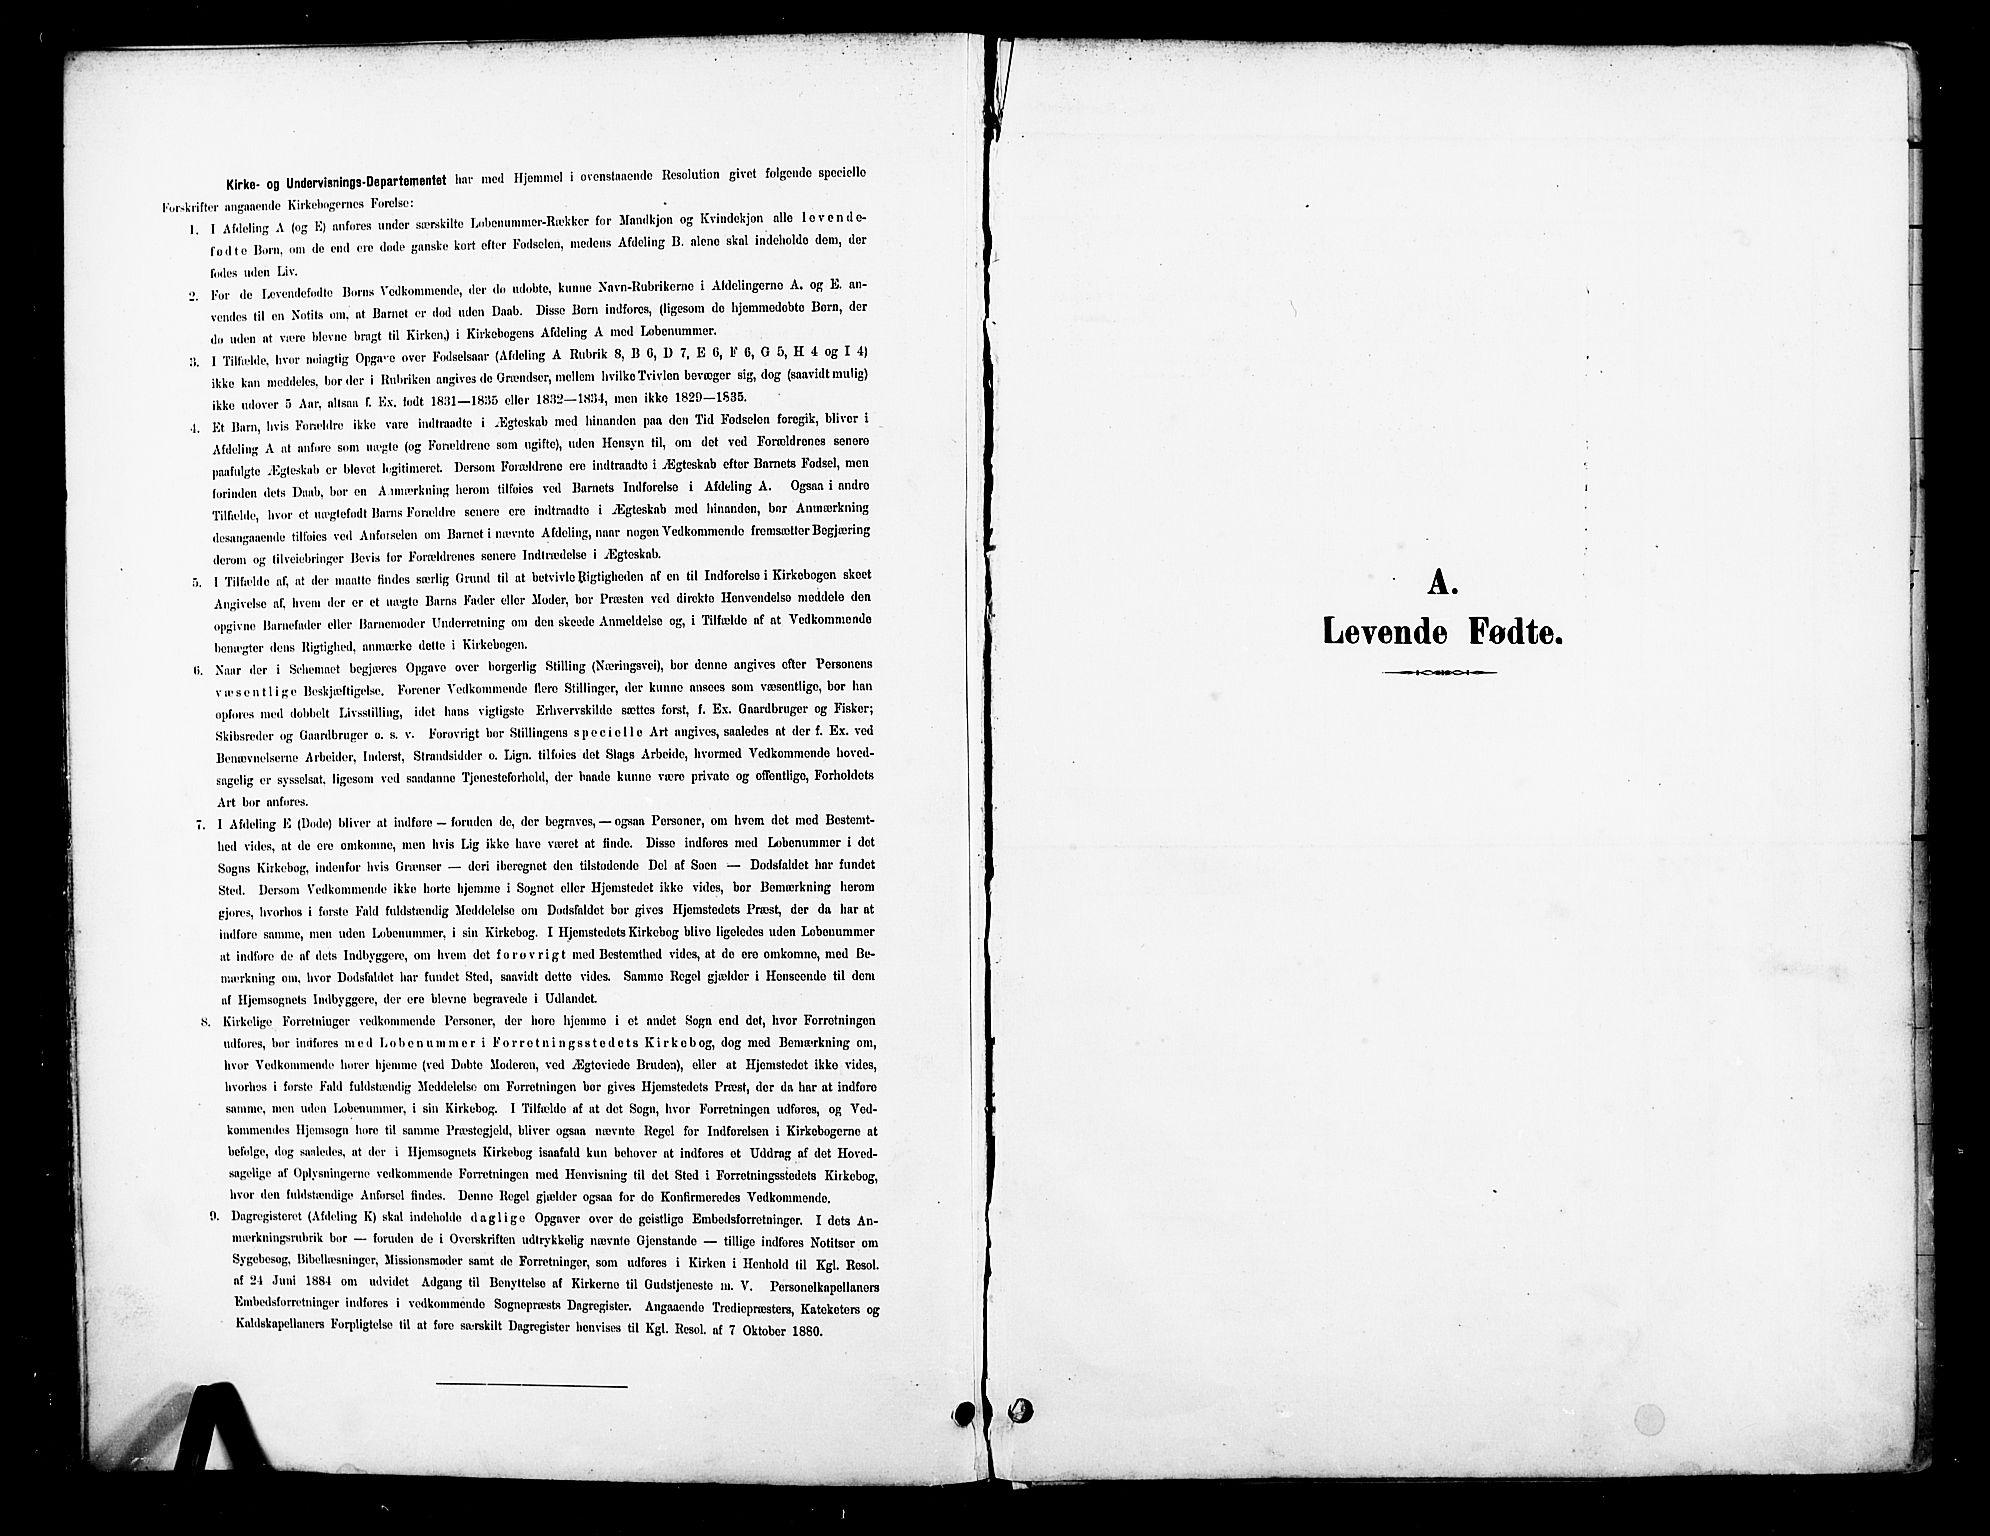 SAT, Ministerialprotokoller, klokkerbøker og fødselsregistre - Nord-Trøndelag, 739/L0372: Ministerialbok nr. 739A04, 1895-1903